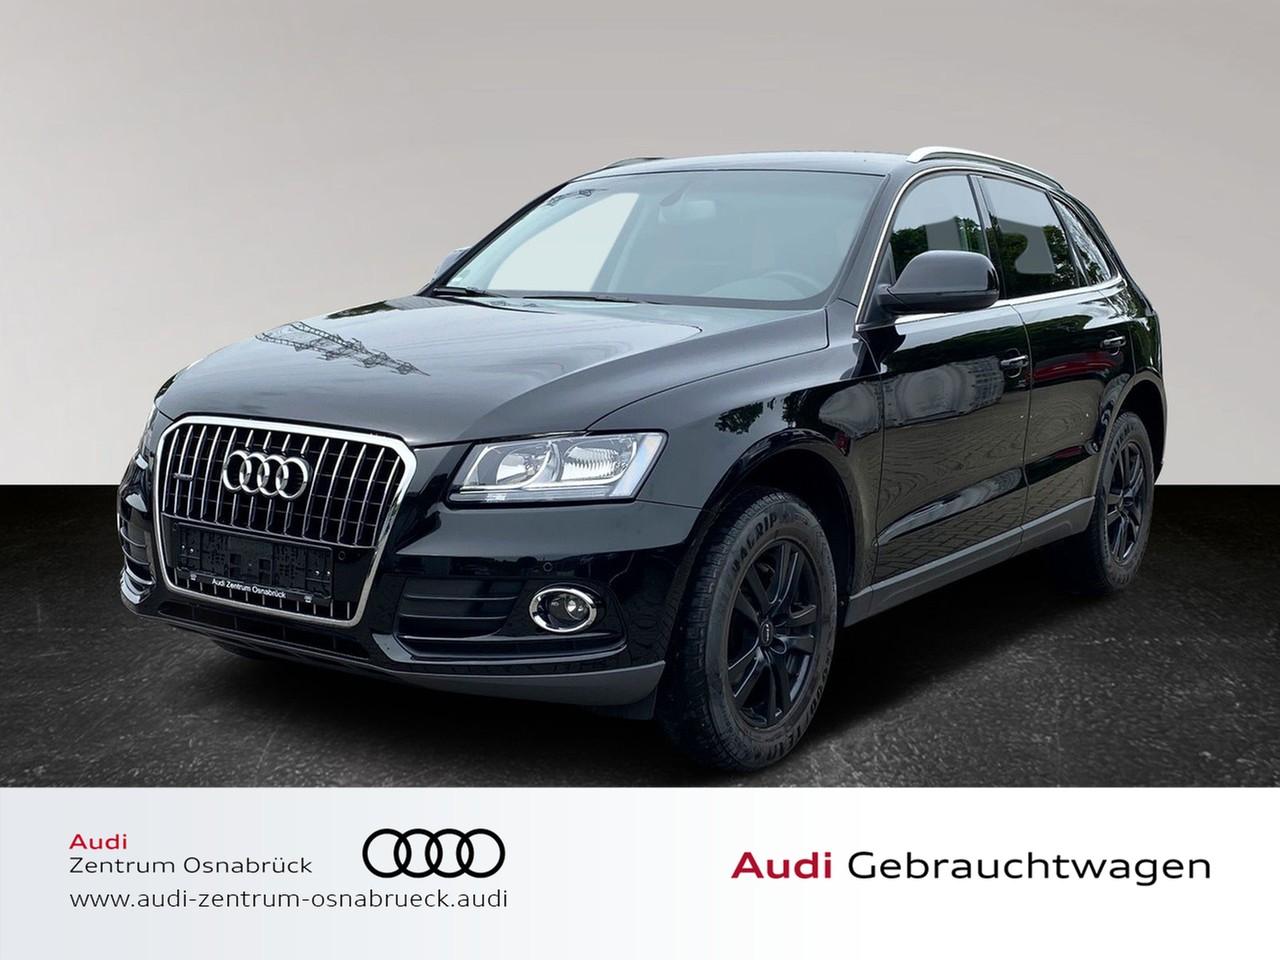 Audi Q5 2.0 TDI S-tronic quattro HÄNDLERFAHRZEUG, Jahr 2013, Diesel